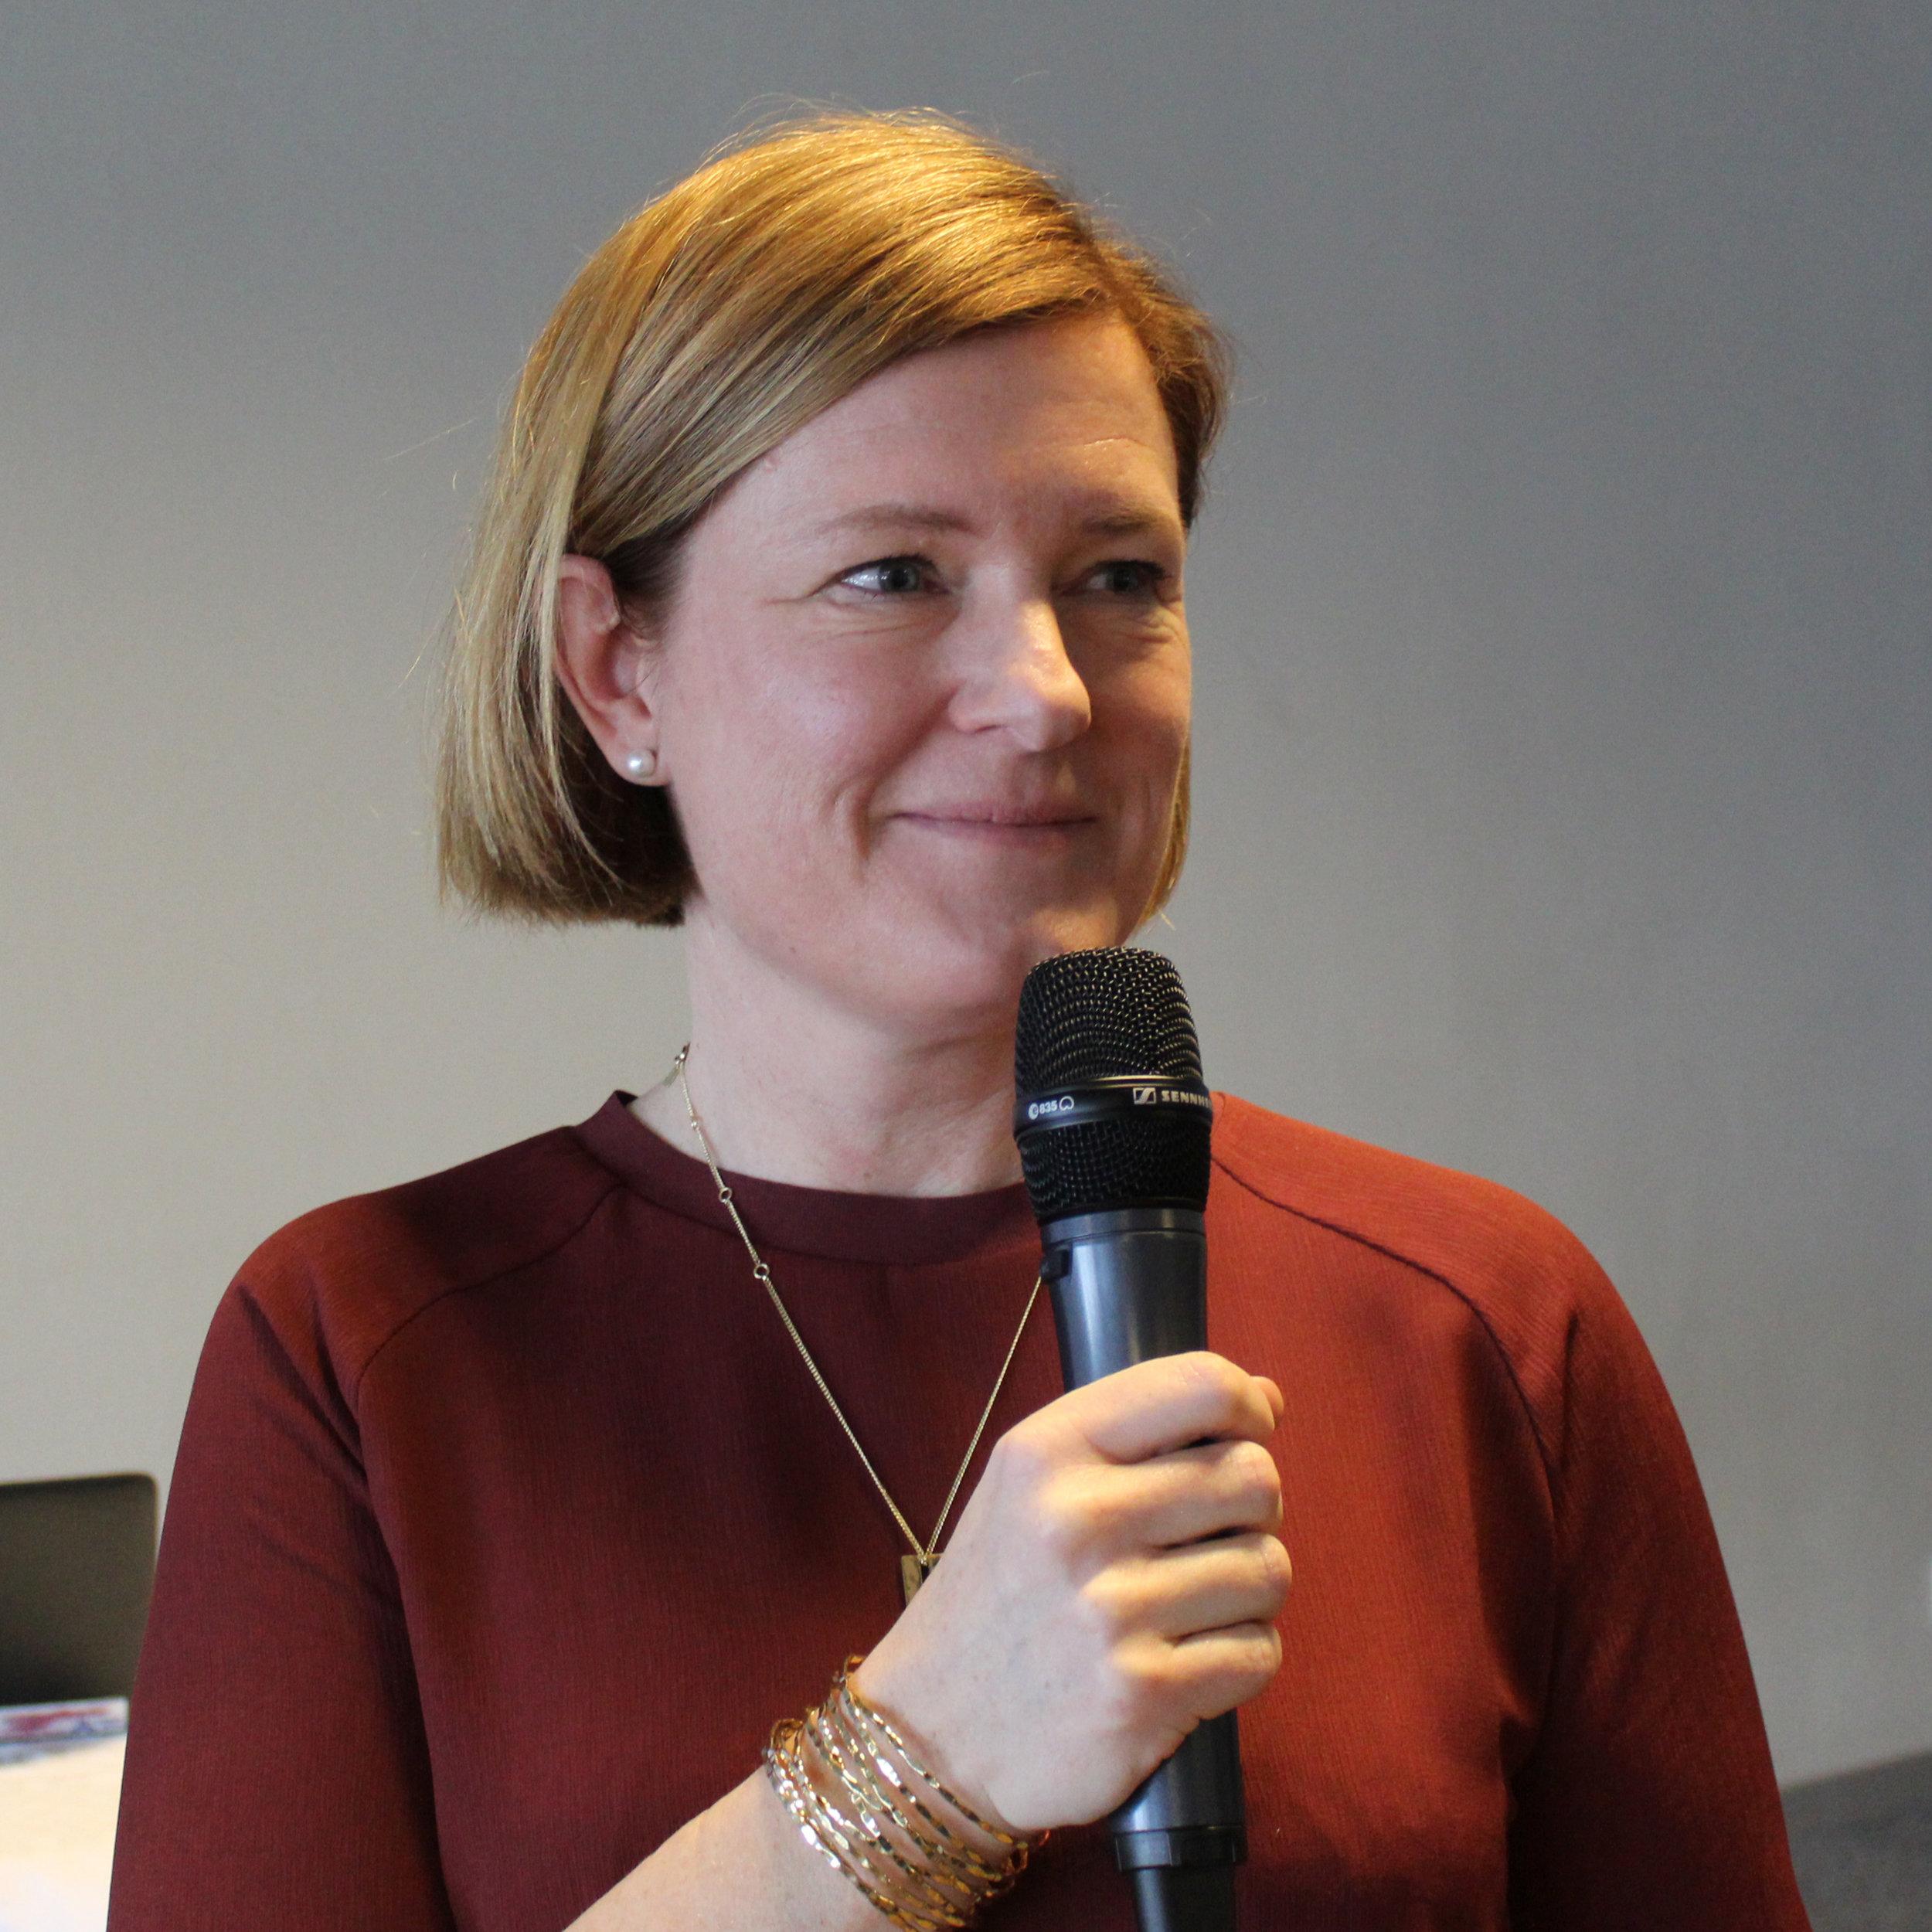 YRSRK-foto-julia-falkman (16).JPG